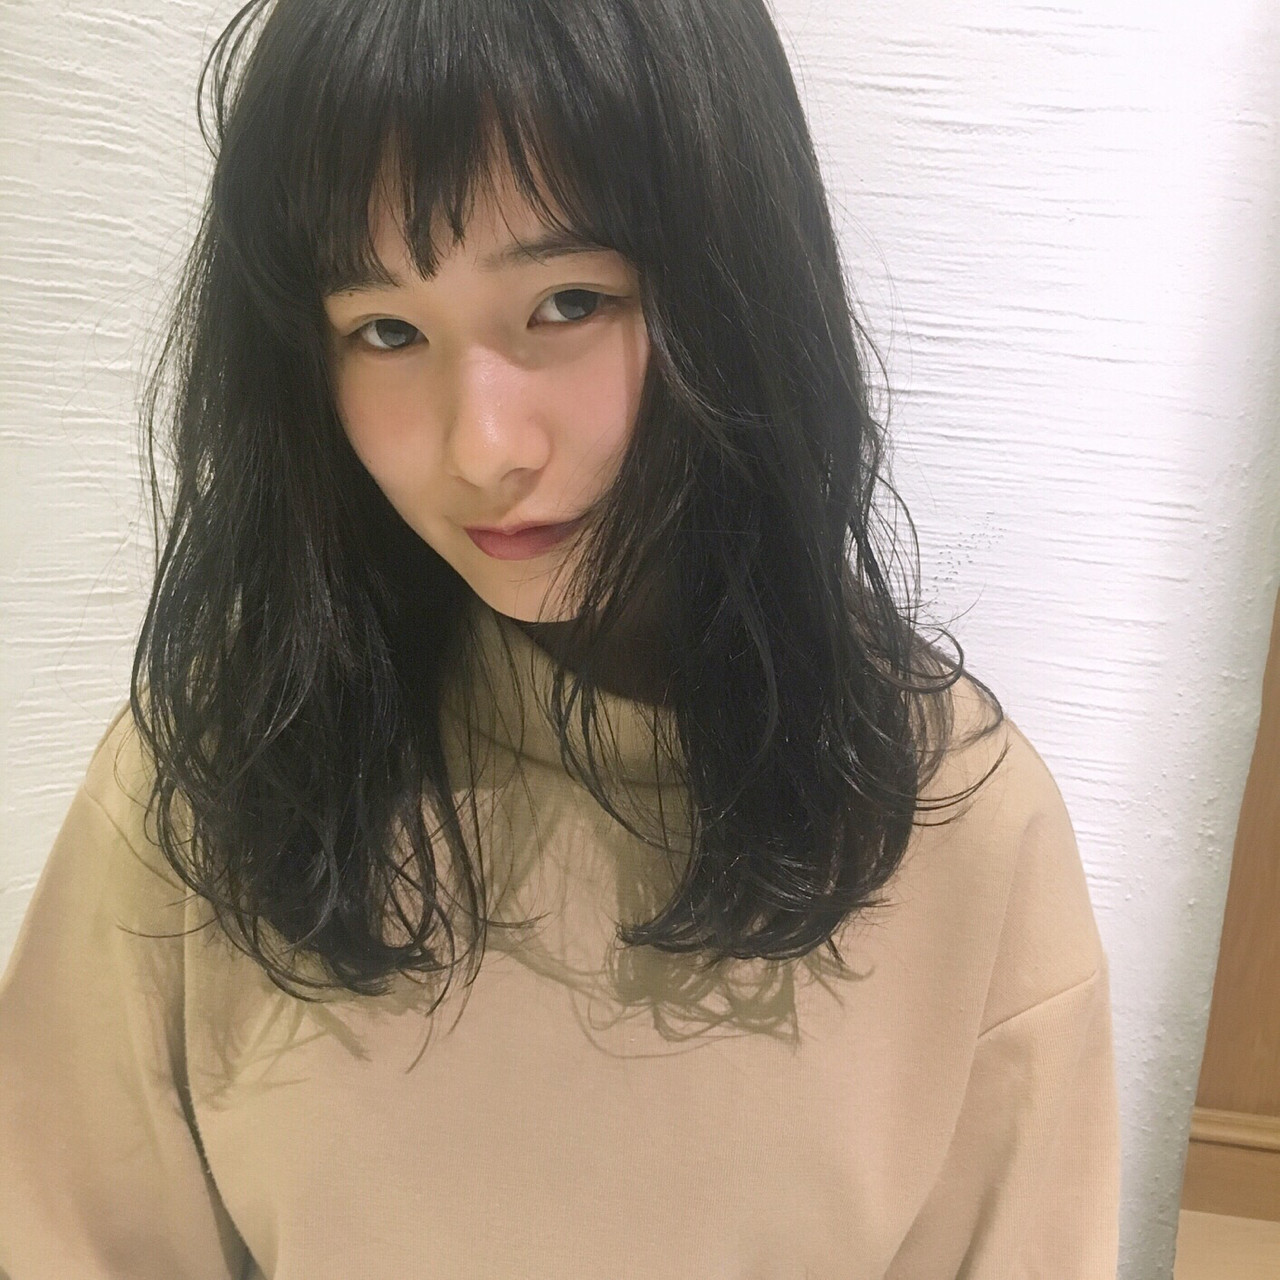 パーマでレベルアップ!無敵のかわいさ♡黒髪セミロング 岩田 和也 / NOESALON